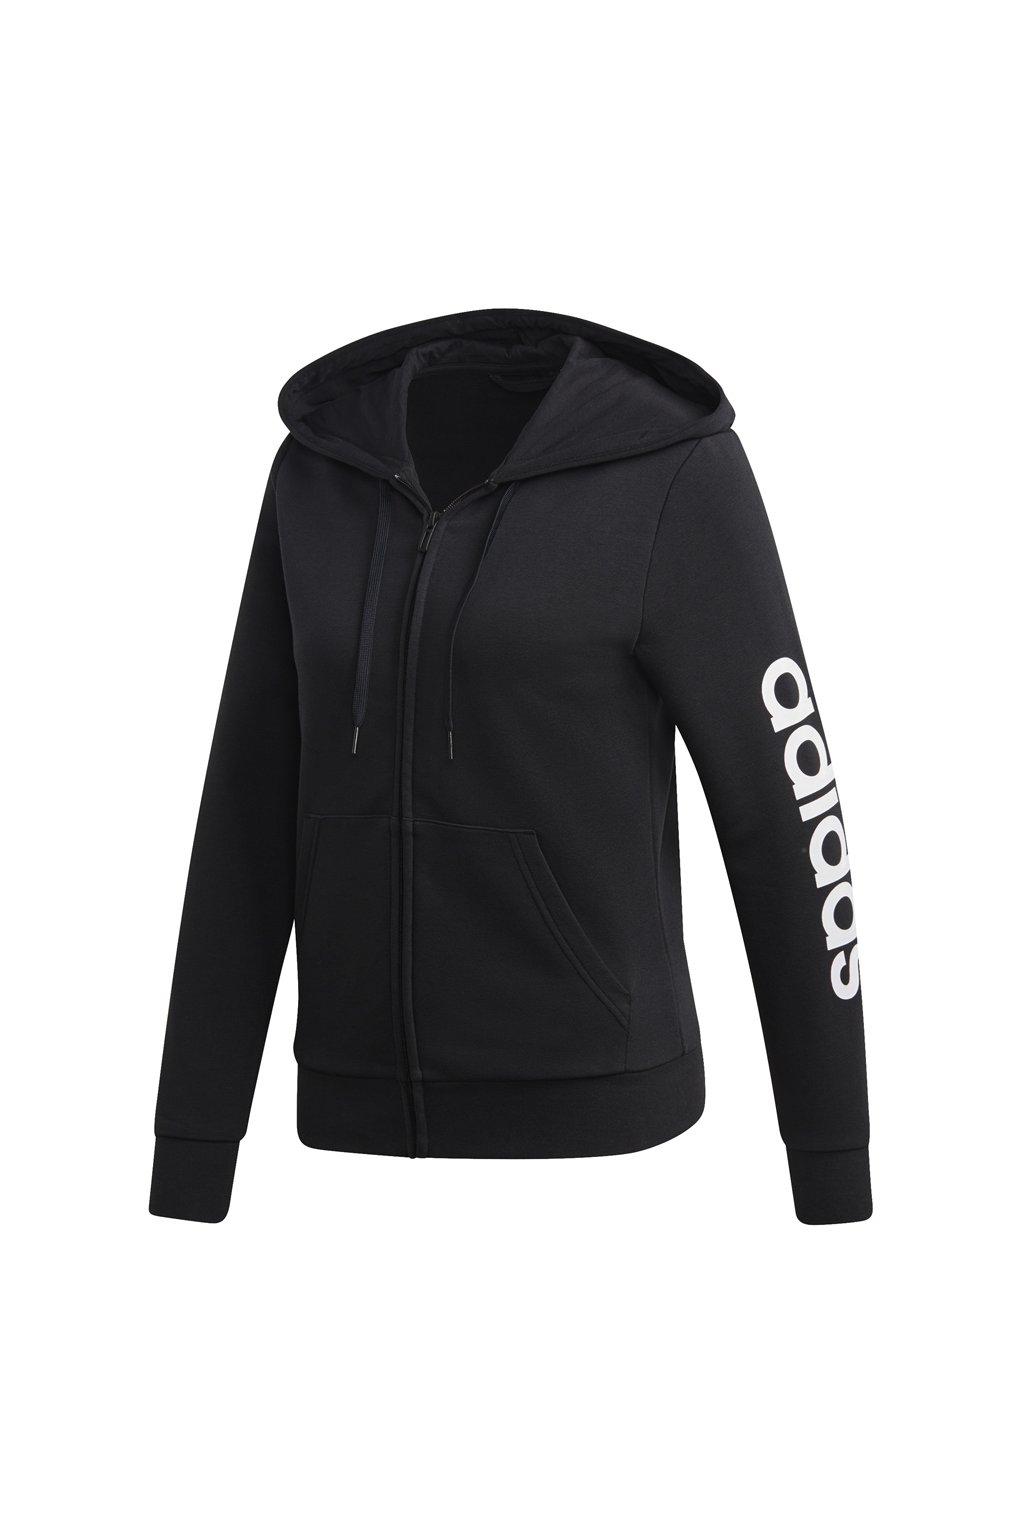 Dámska mikina Adidas W Essentials Linear FZ HD čiernobiela DP2401